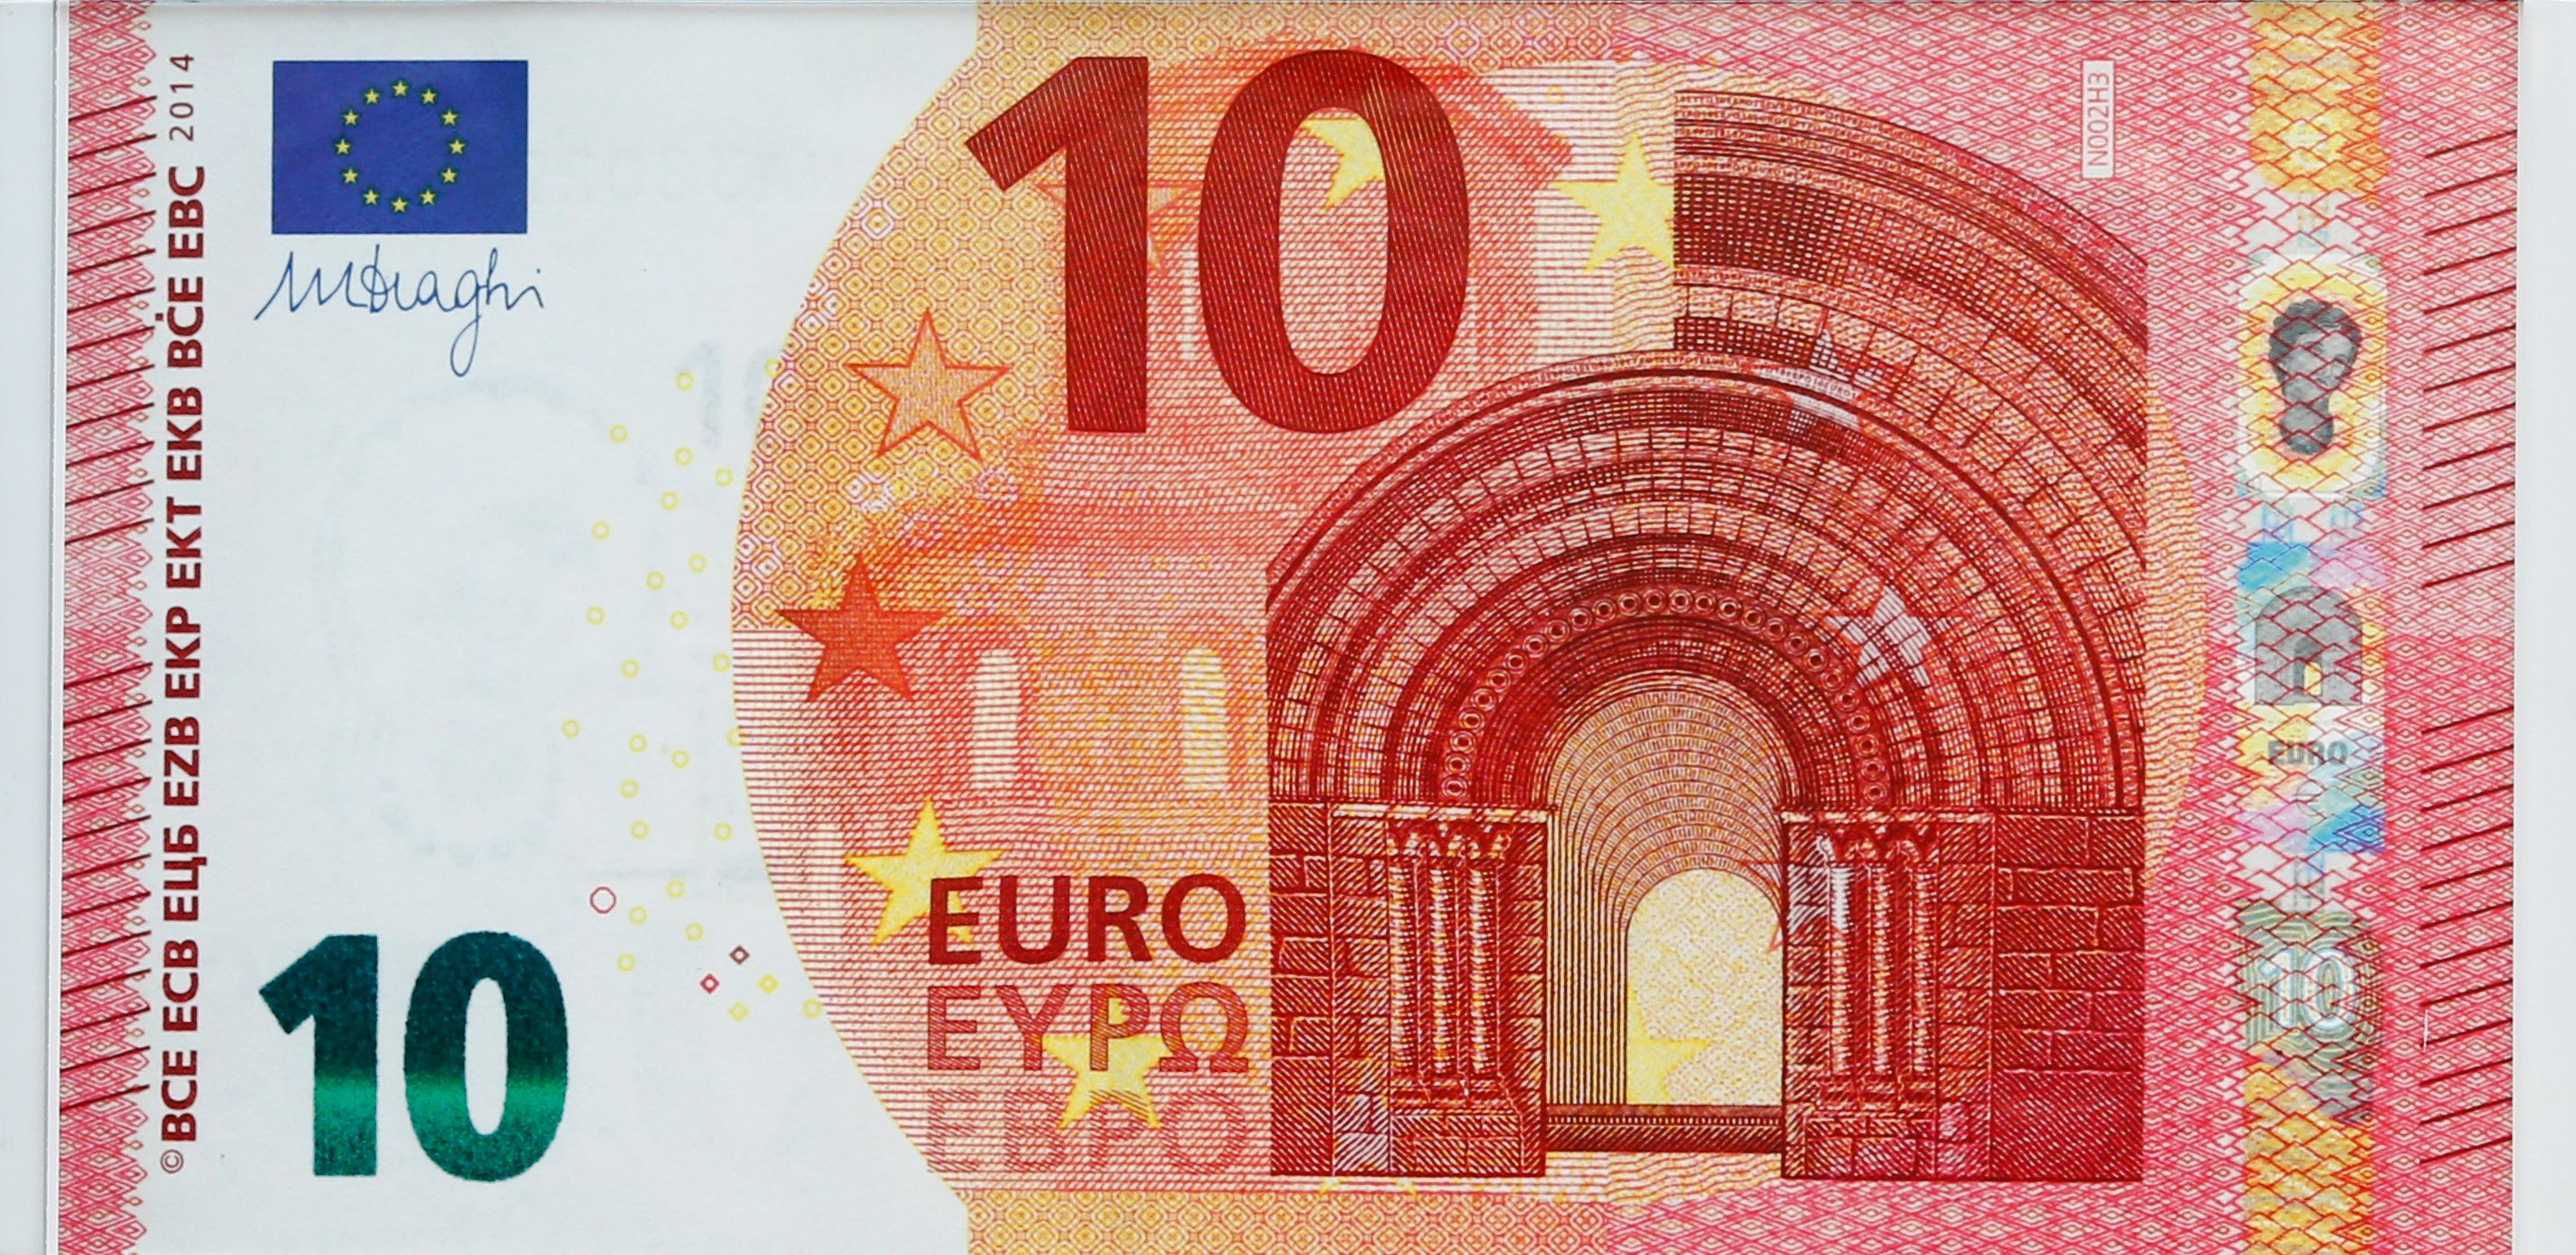 Le nouveau billet de 10 euros.